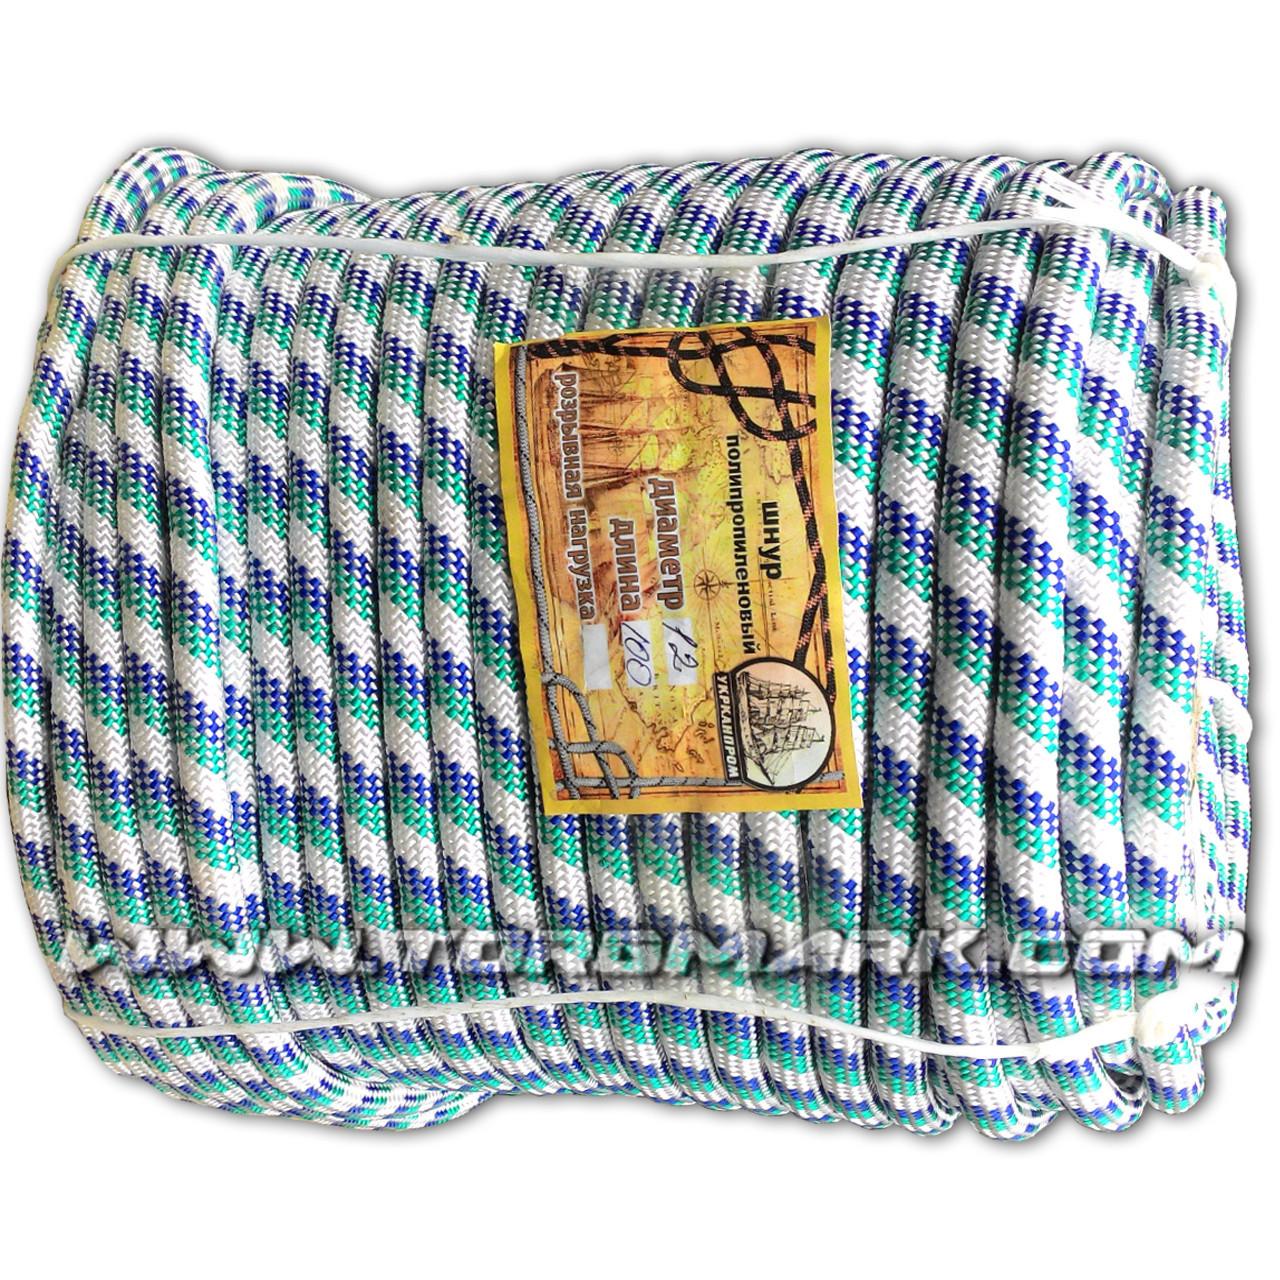 Морской плетеный шнур 12 мм 100 м нагрузка 600кг